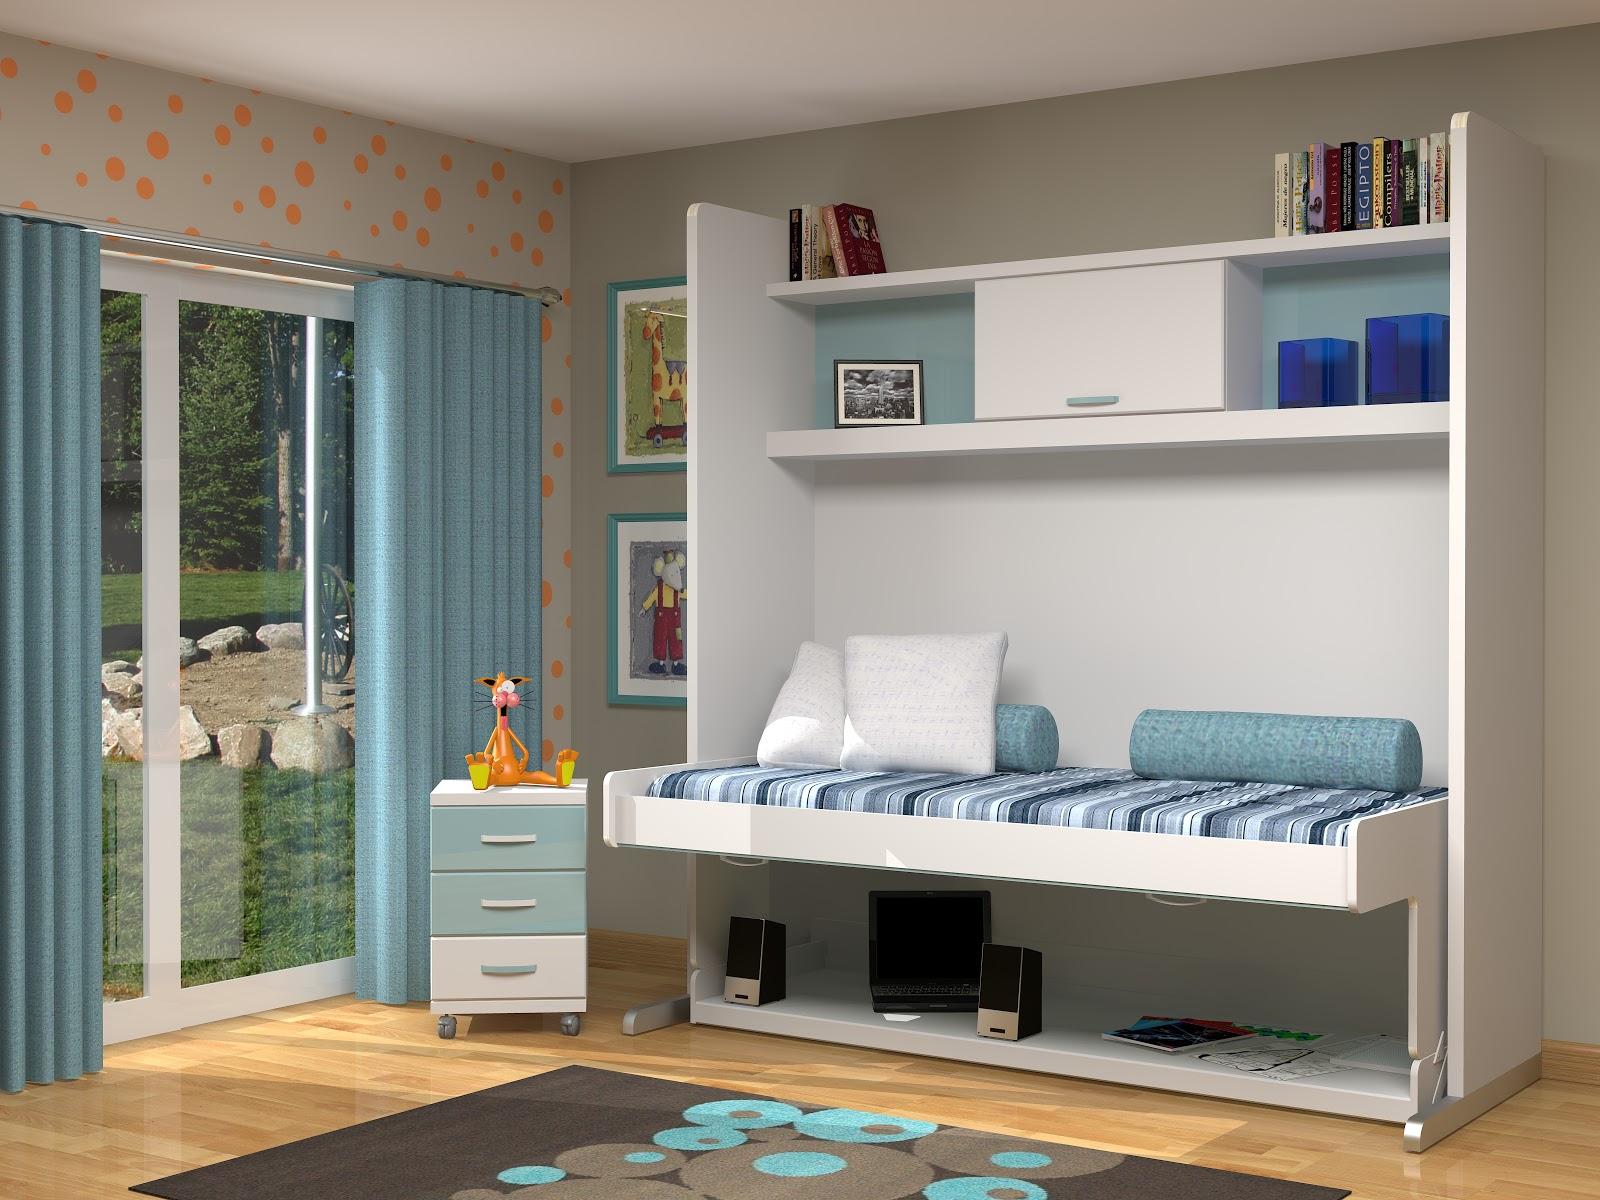 Muebles juveniles dormitorios infantiles y habitaciones for Cama puente con escritorio